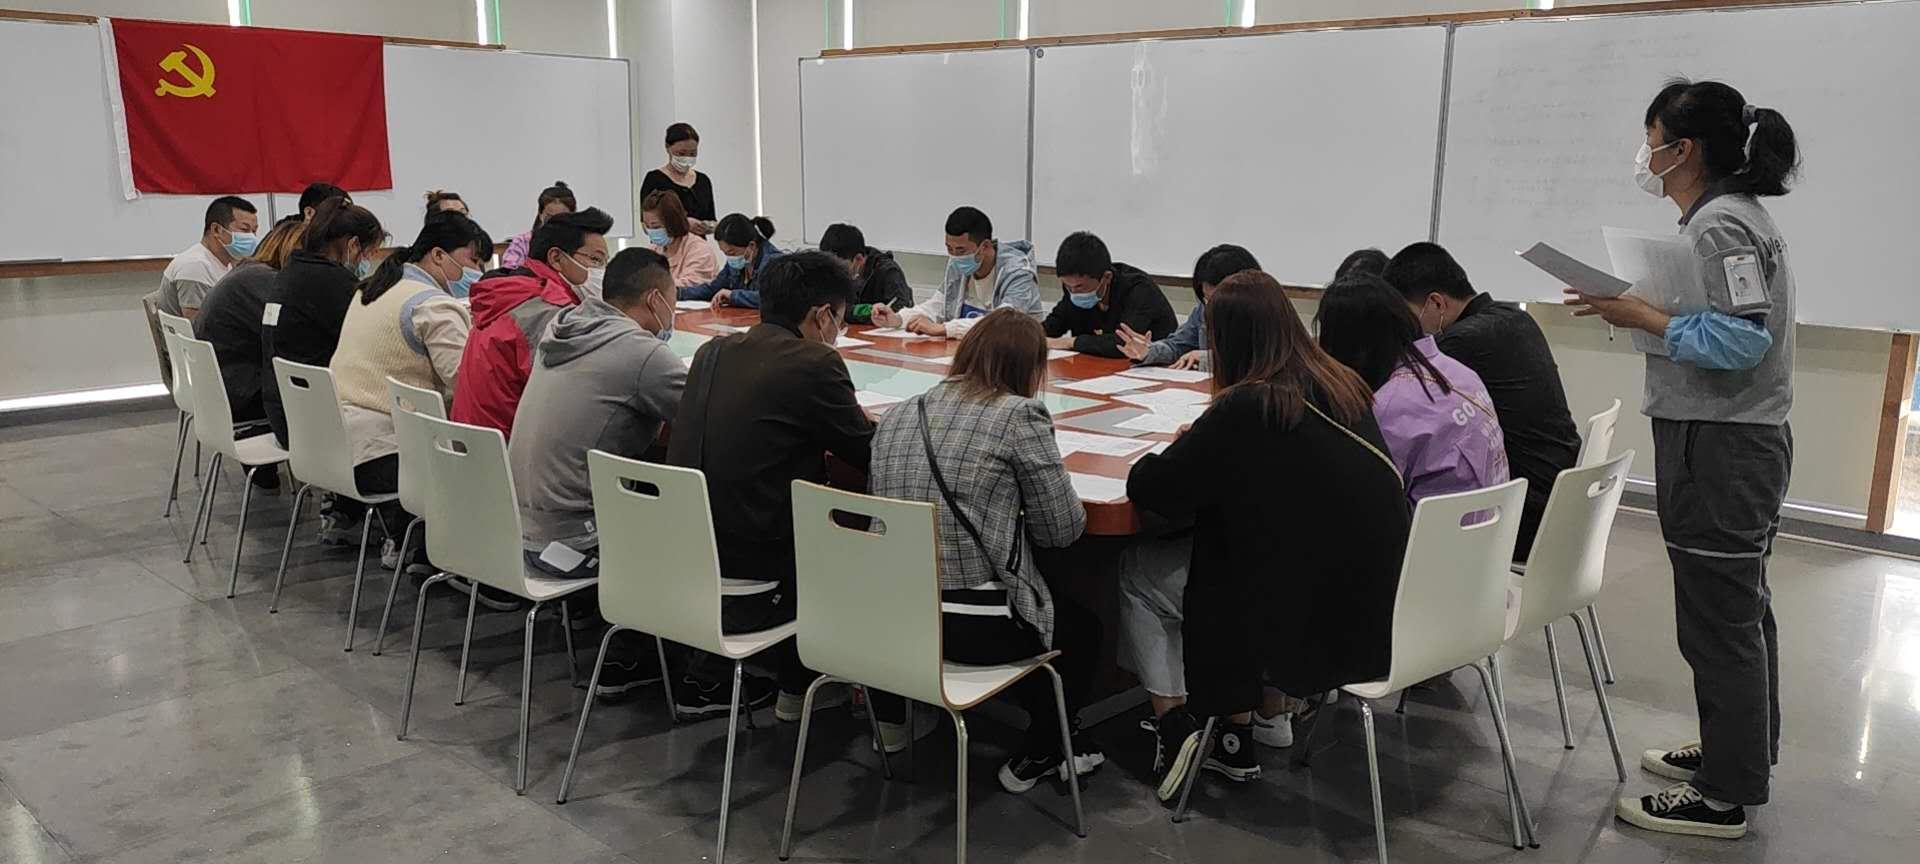 南惠人力公司协助延锋智能举行了招聘活动